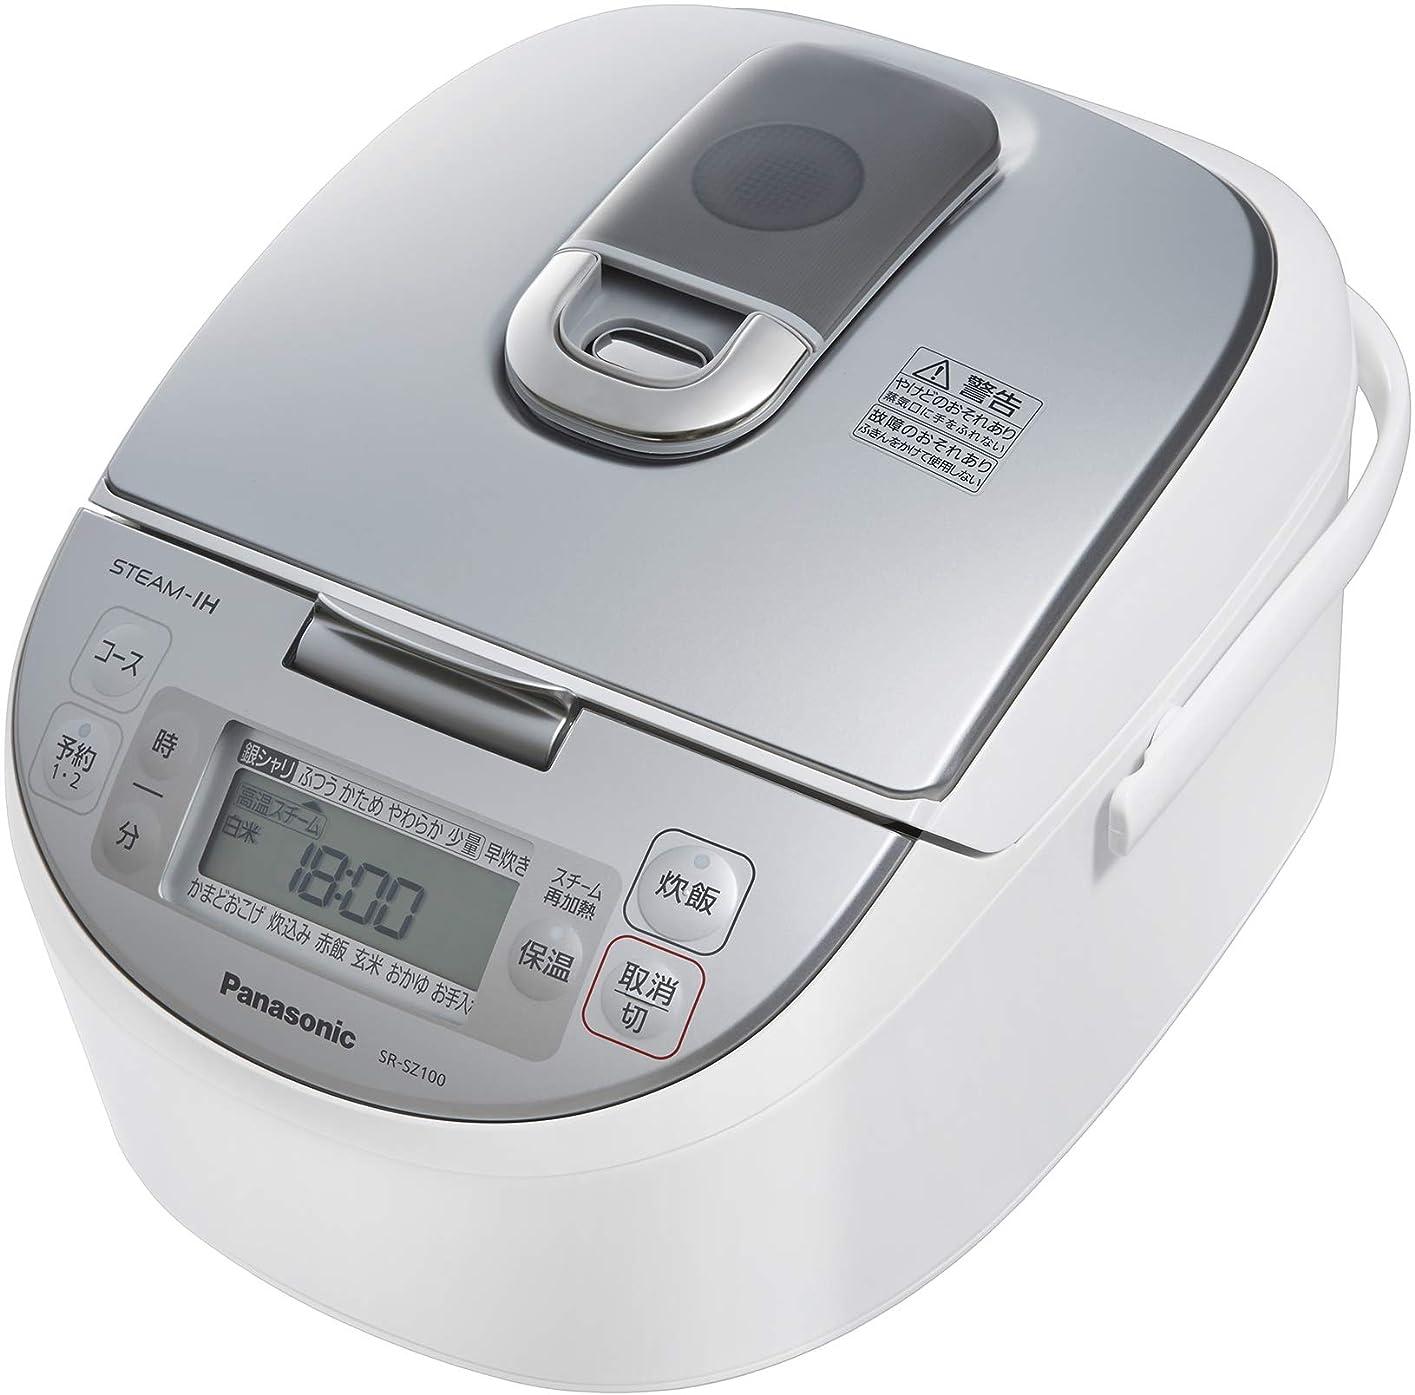 移民床を掃除する不条理パナソニック 炊飯器 5.5合 スチームIH式 ダイヤモンド竈釜 ホワイト SR-SZ100-W